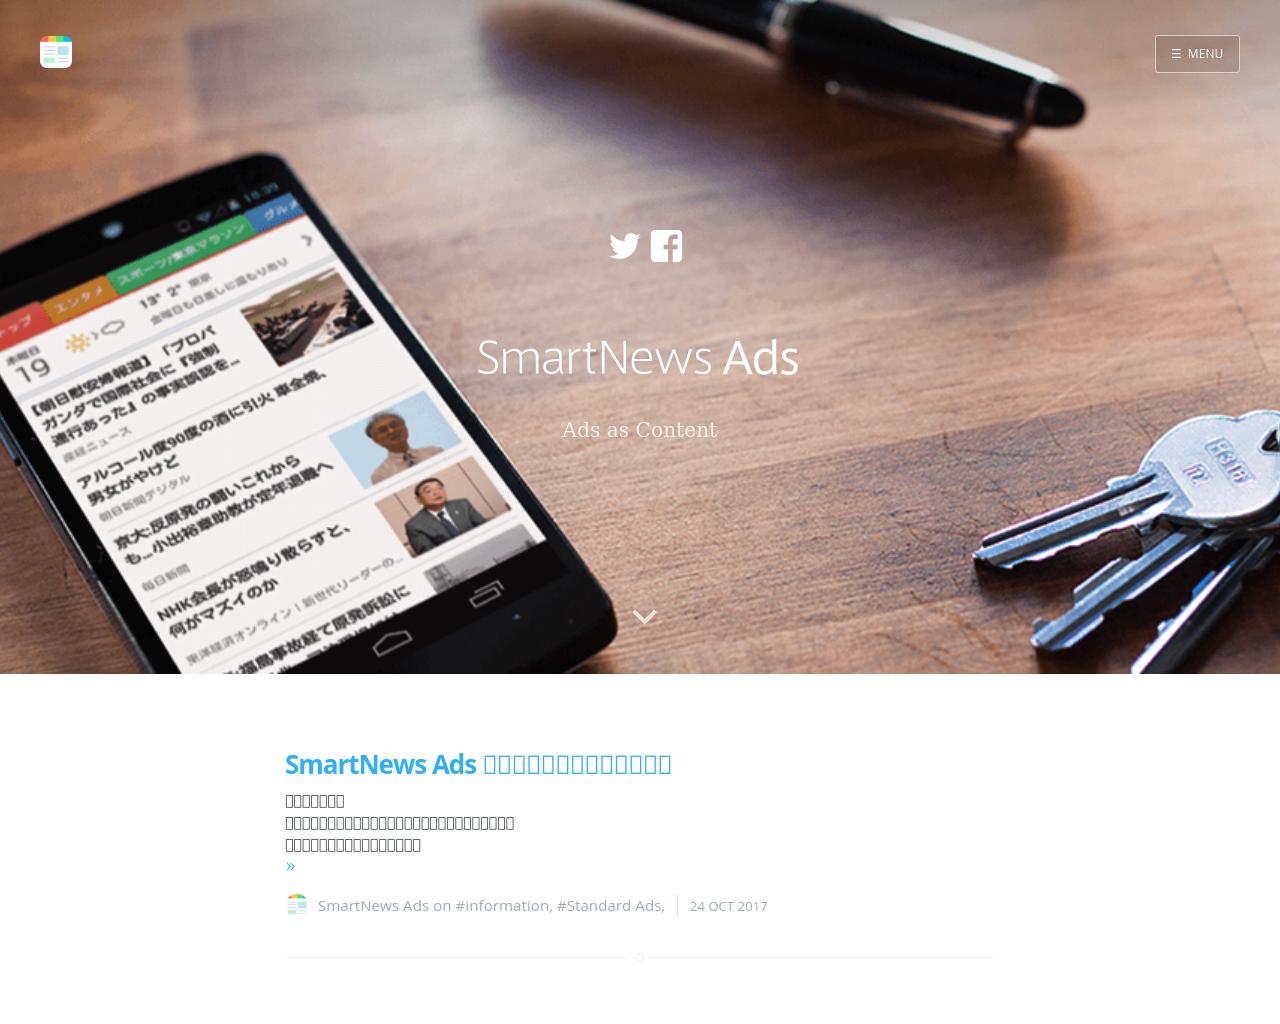 資料 smartnews 媒体